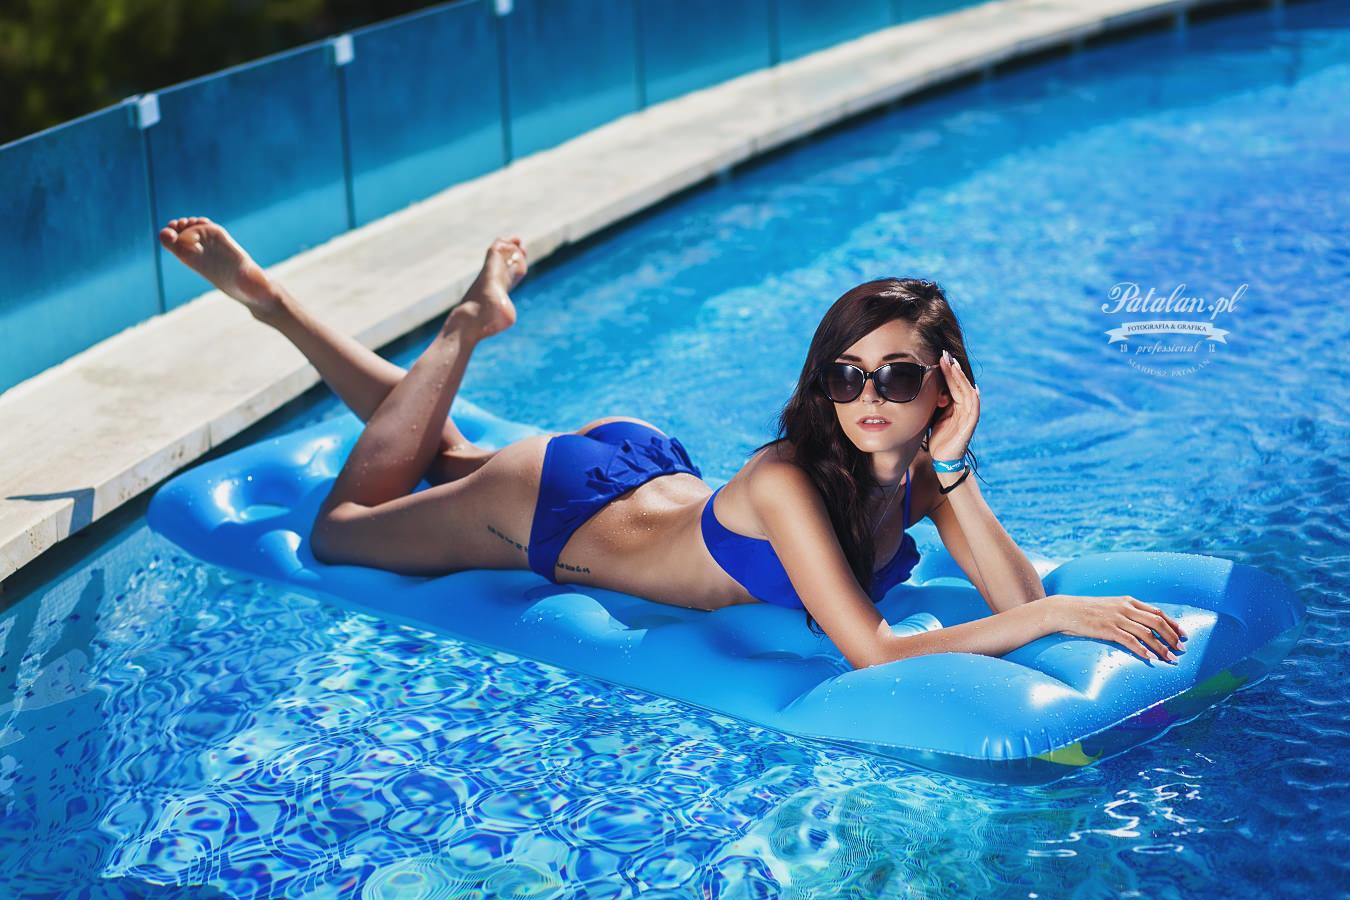 seksowna modelka, oświetlenie w plenerze,  sesja nad basenem, modelka w stróju kąpielowym, sesowny   tyłek modelka, fitness modelka, zdjęcia pod palmami, modelka w okularach, dziewczyna w wodzie, wodospad   sesja zdjęciowa